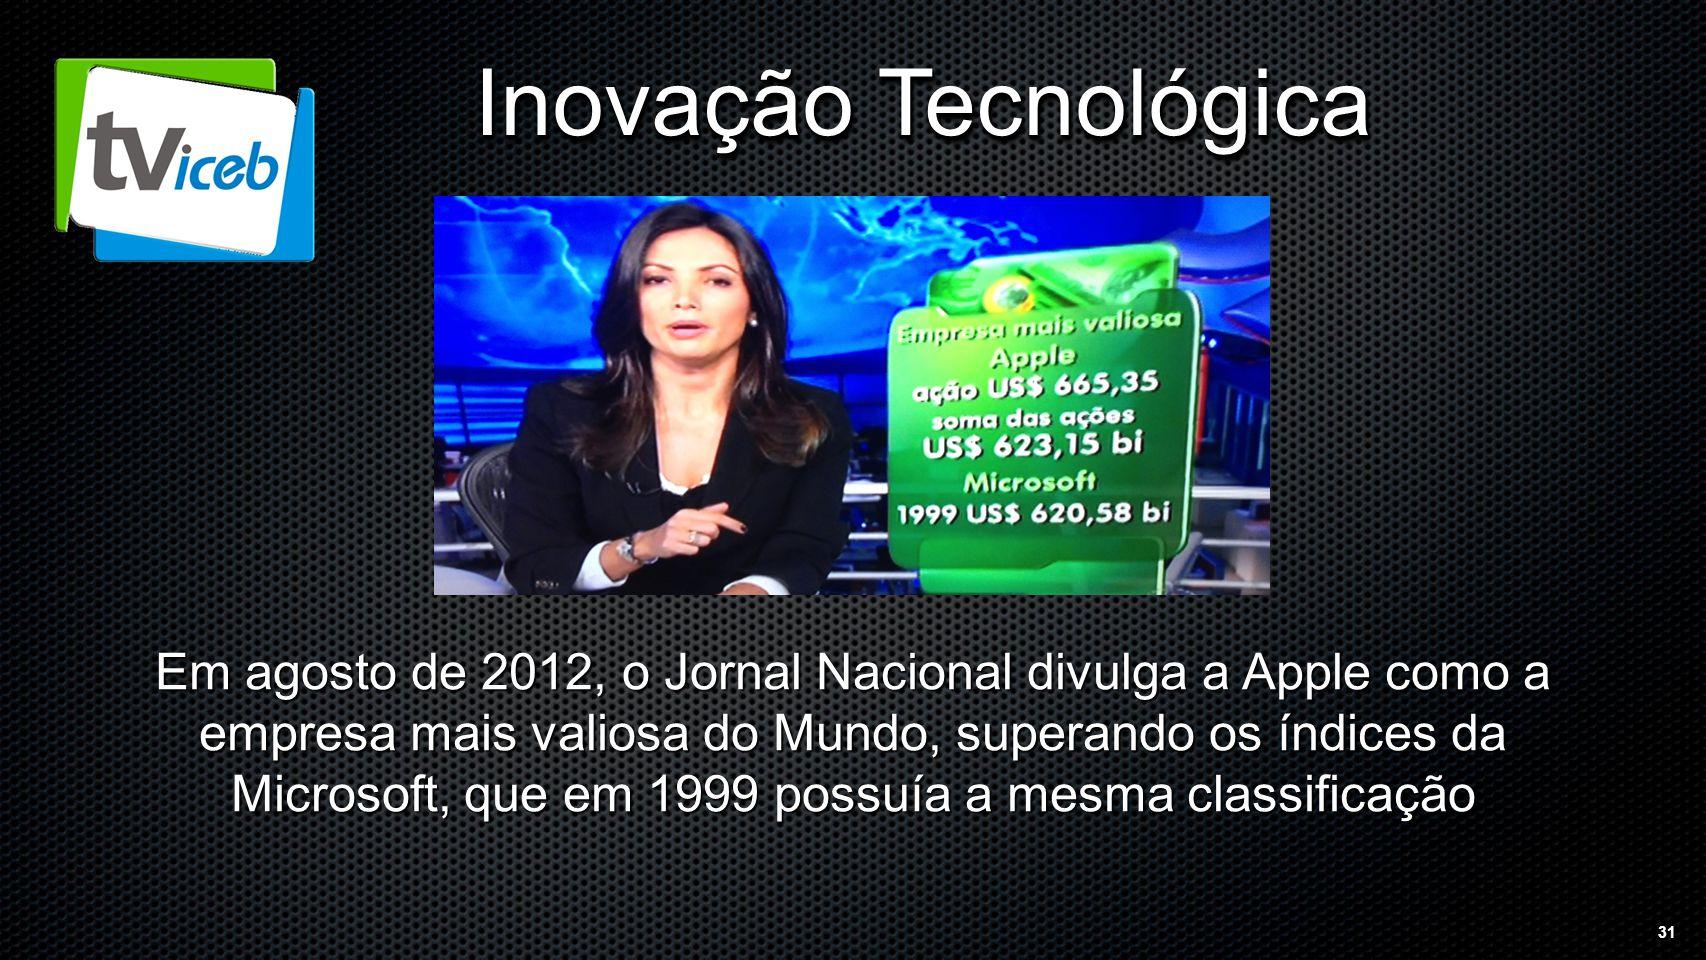 31 Inovação Tecnológica Em agosto de 2012, o Jornal Nacional divulga a Apple como a empresa mais valiosa do Mundo, superando os índices da Microsoft, que em 1999 possuía a mesma classificação